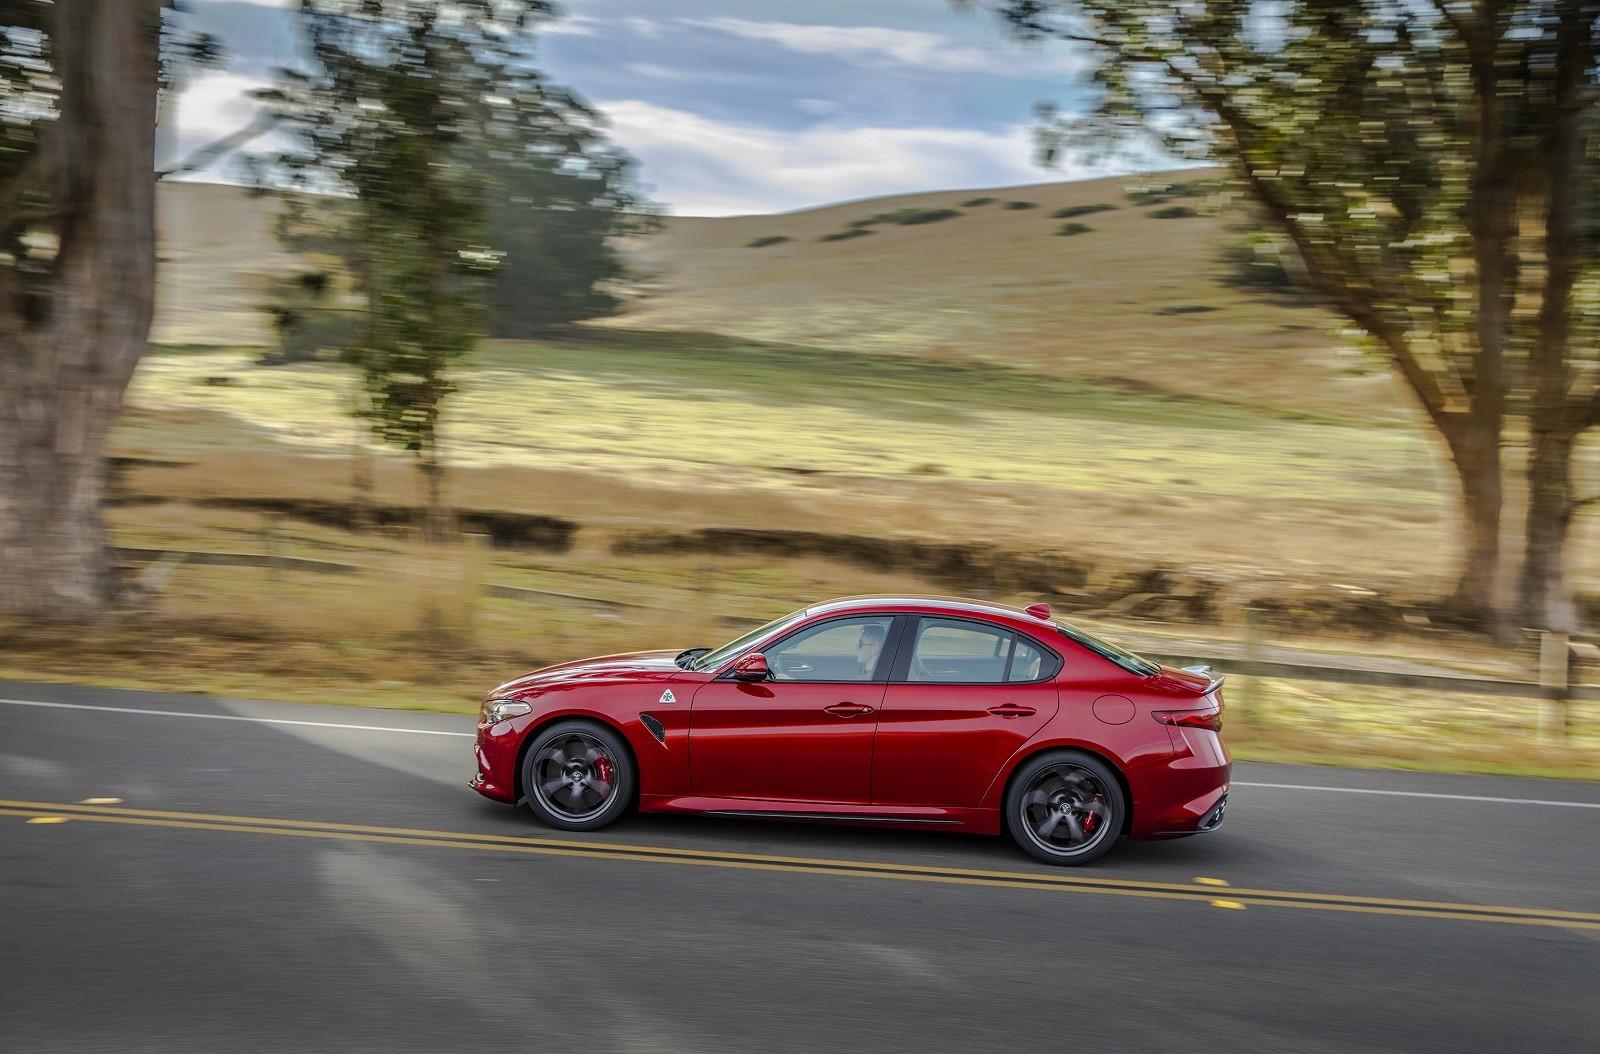 Alfa Romeo: ad ottobre male in Germania bene nel Regno Unito e in Francia - Motori e Auto - Investireoggi.it